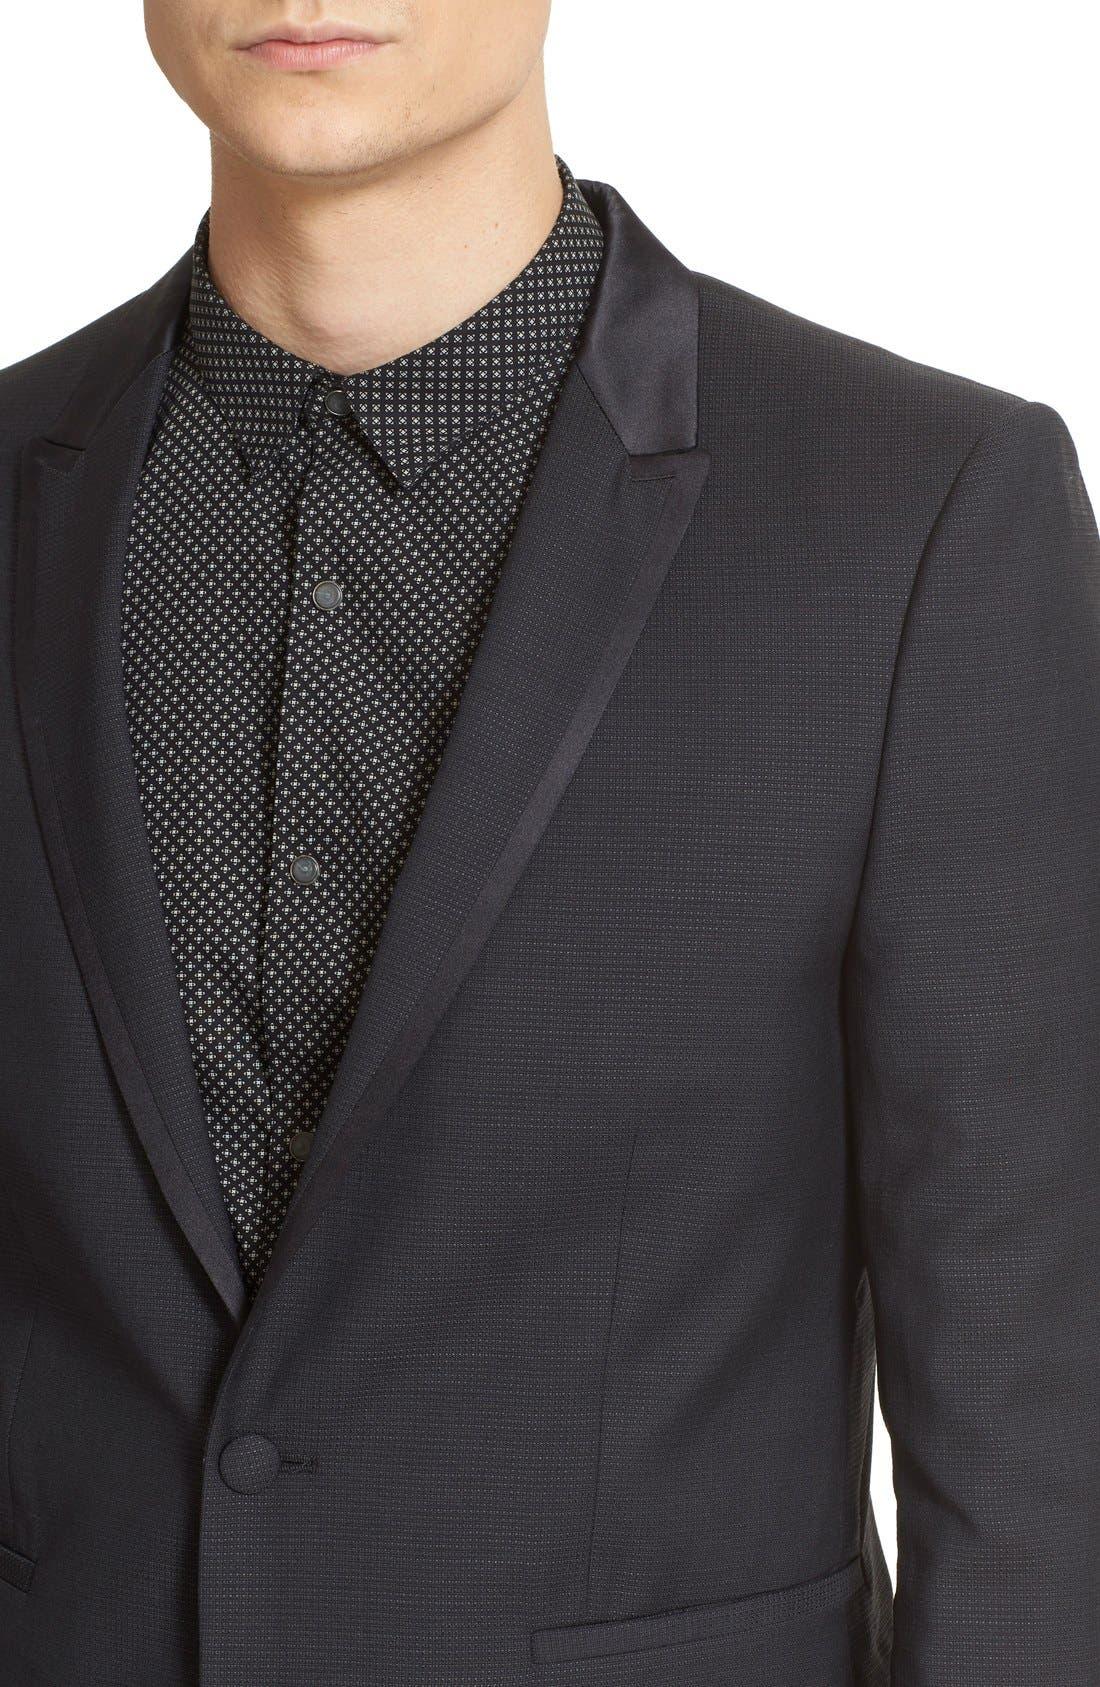 'Netting' Trim Fit Suit Jacket,                             Alternate thumbnail 4, color,                             Black